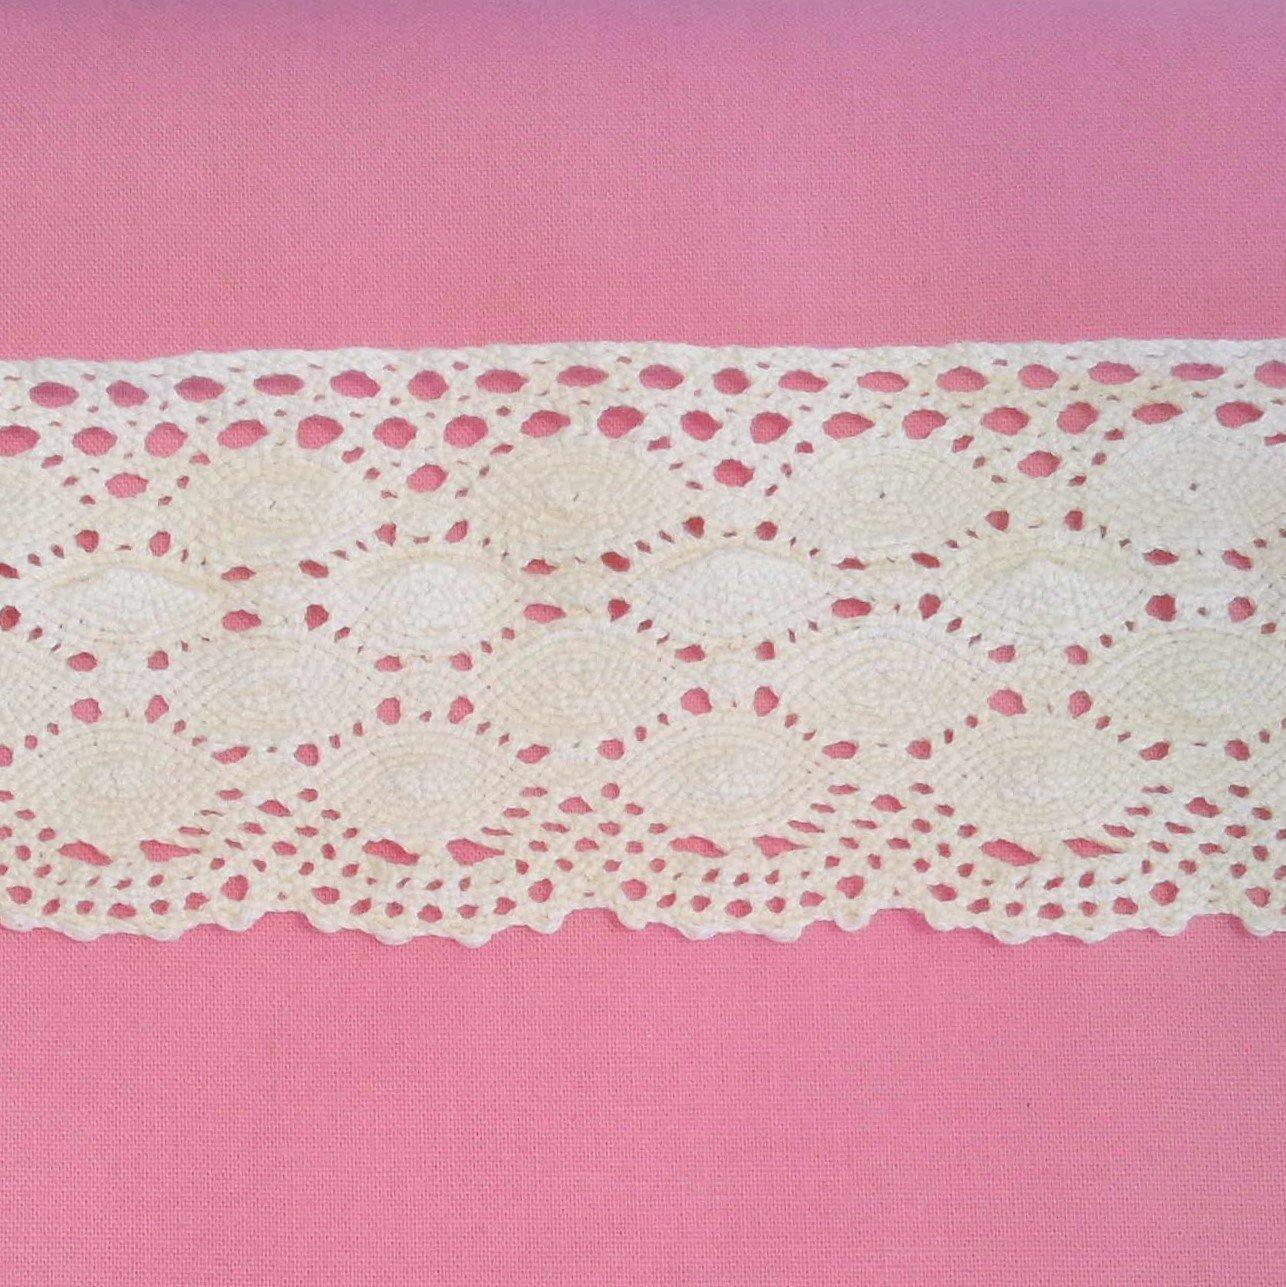 Audrey 2 1/4 Ivory Cotton Lace